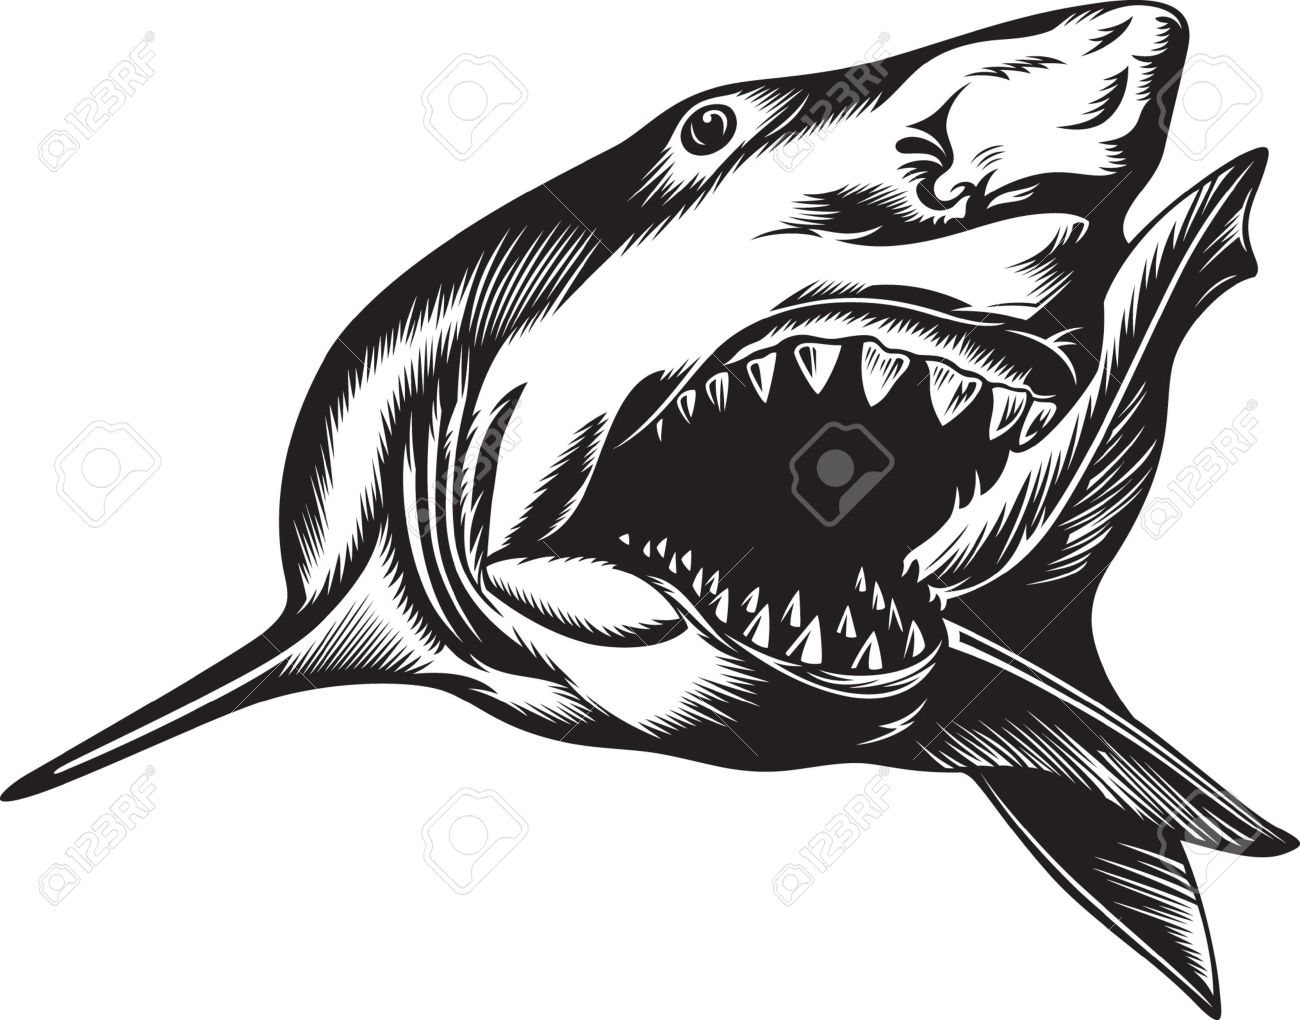 35+ Best Shark Drawing Open